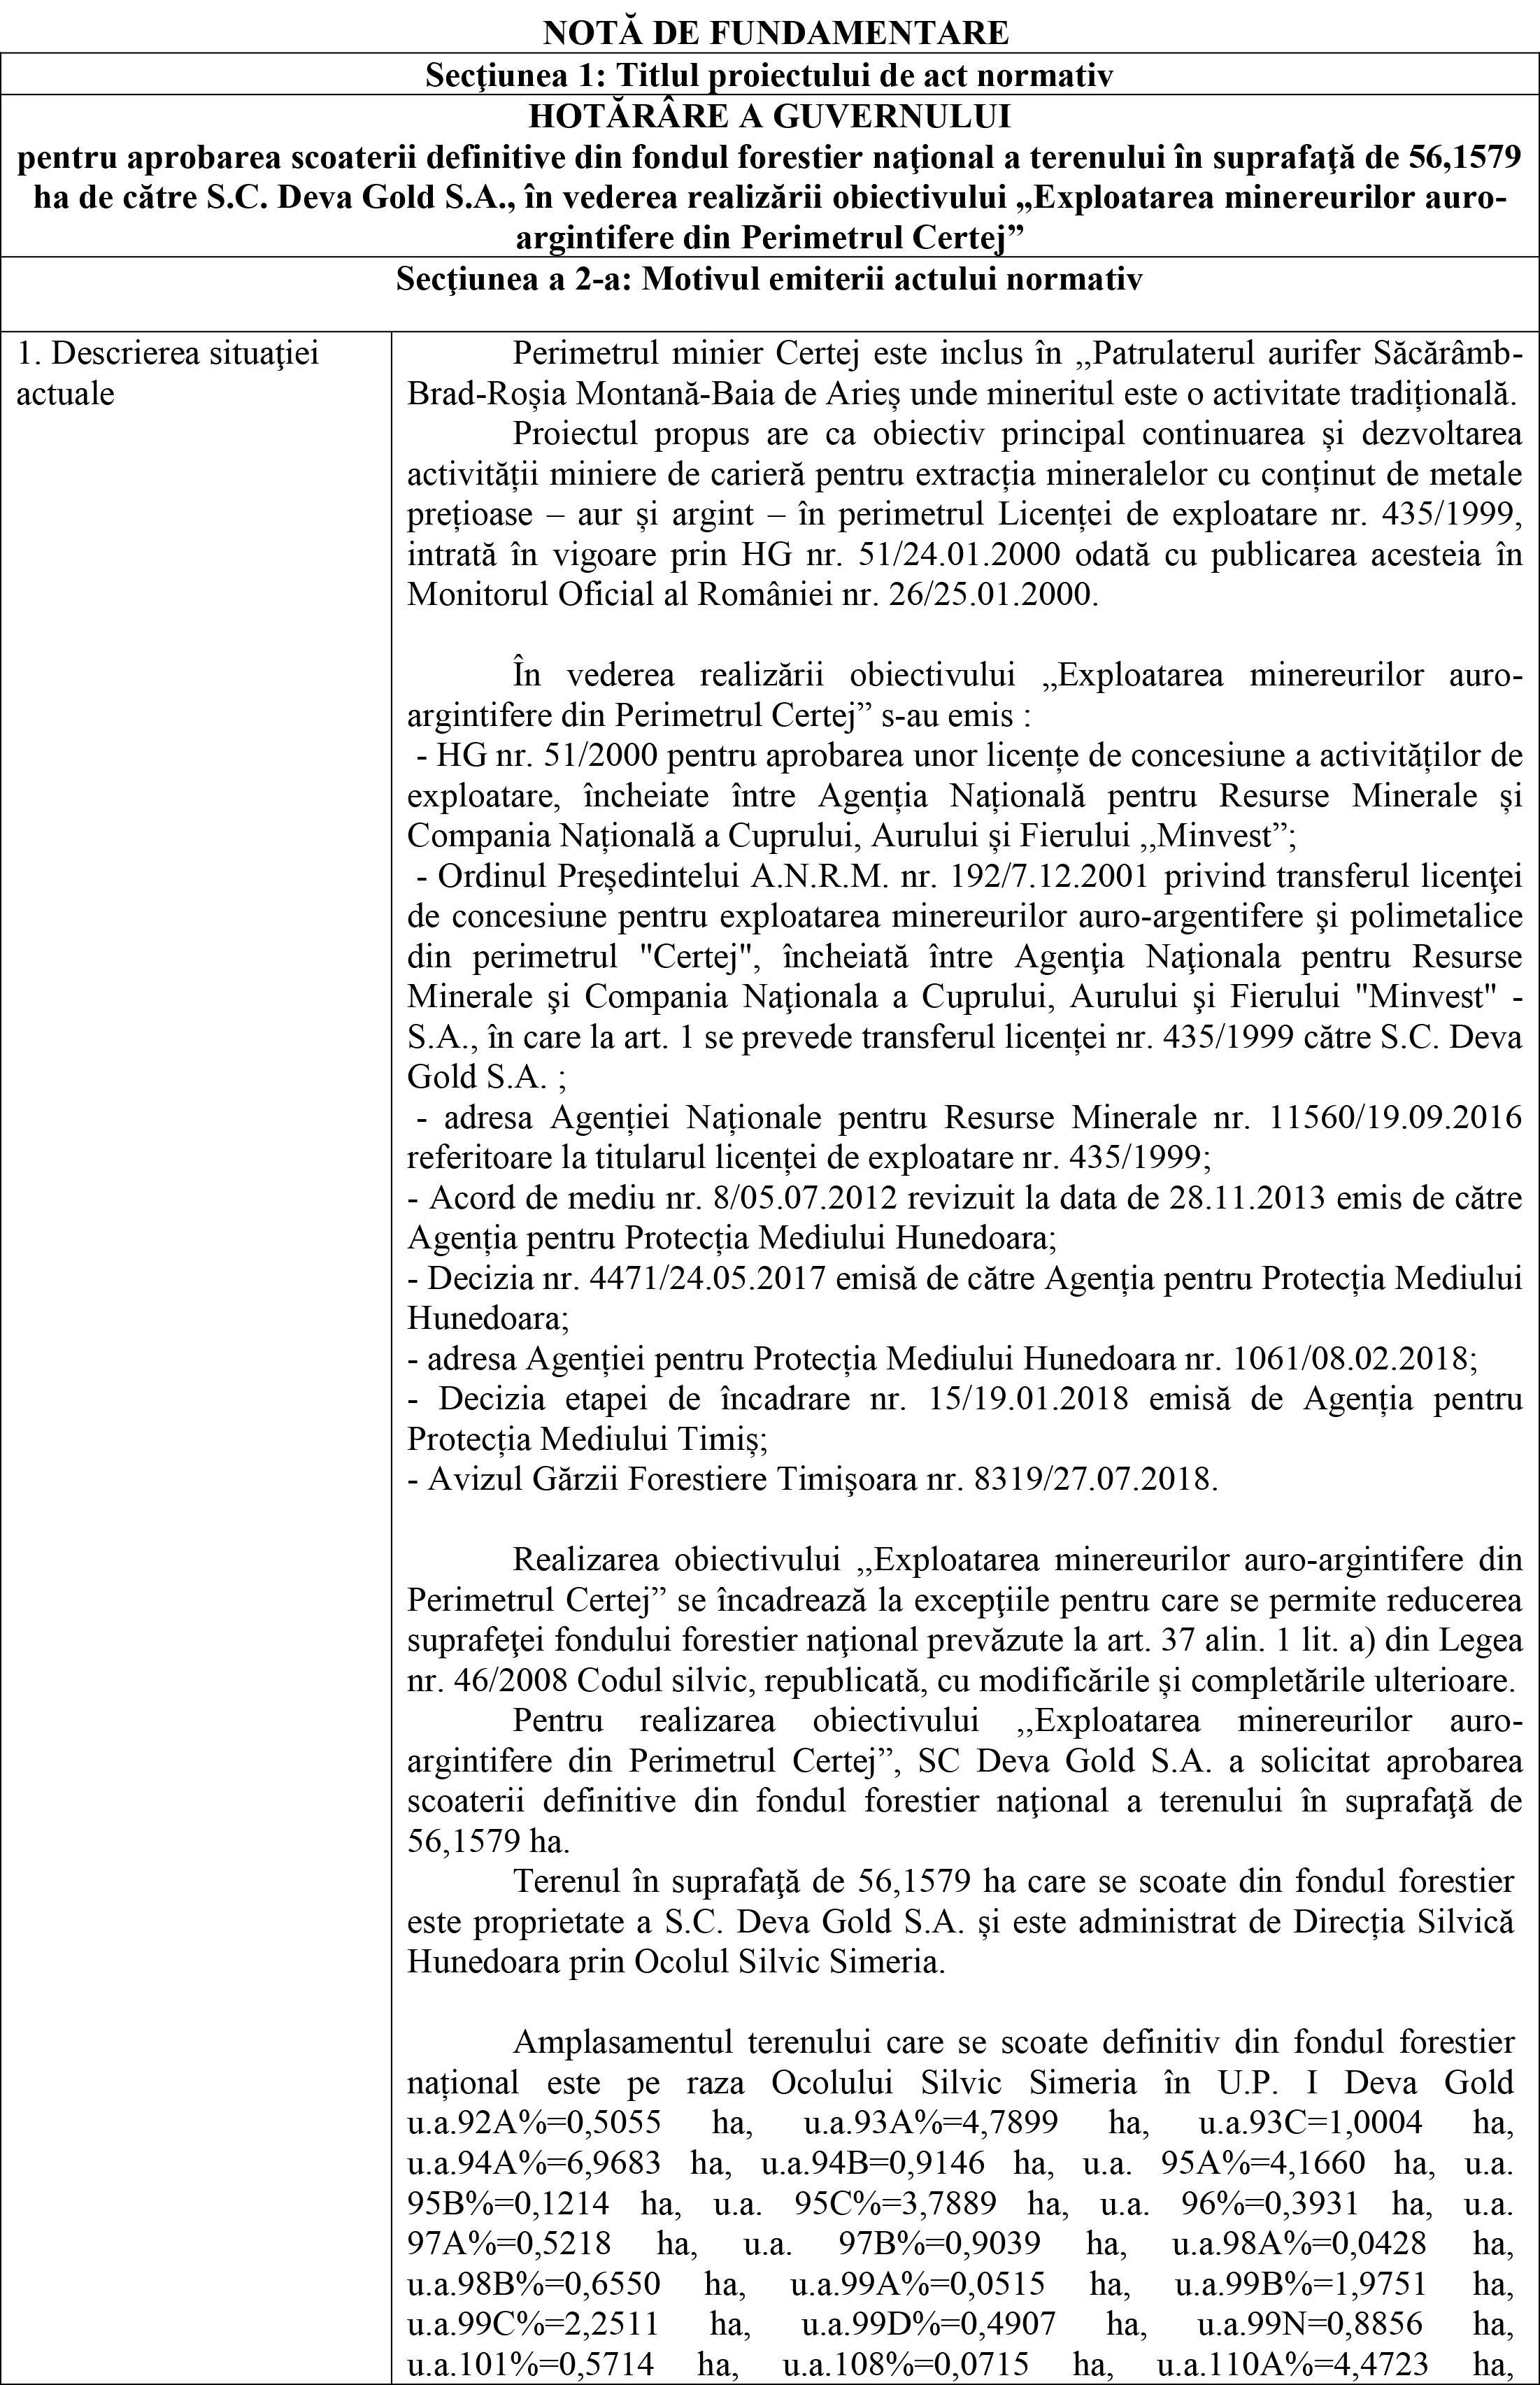 NOTĂ-DE-FUNDAMENTARE-Deva-Gold-1